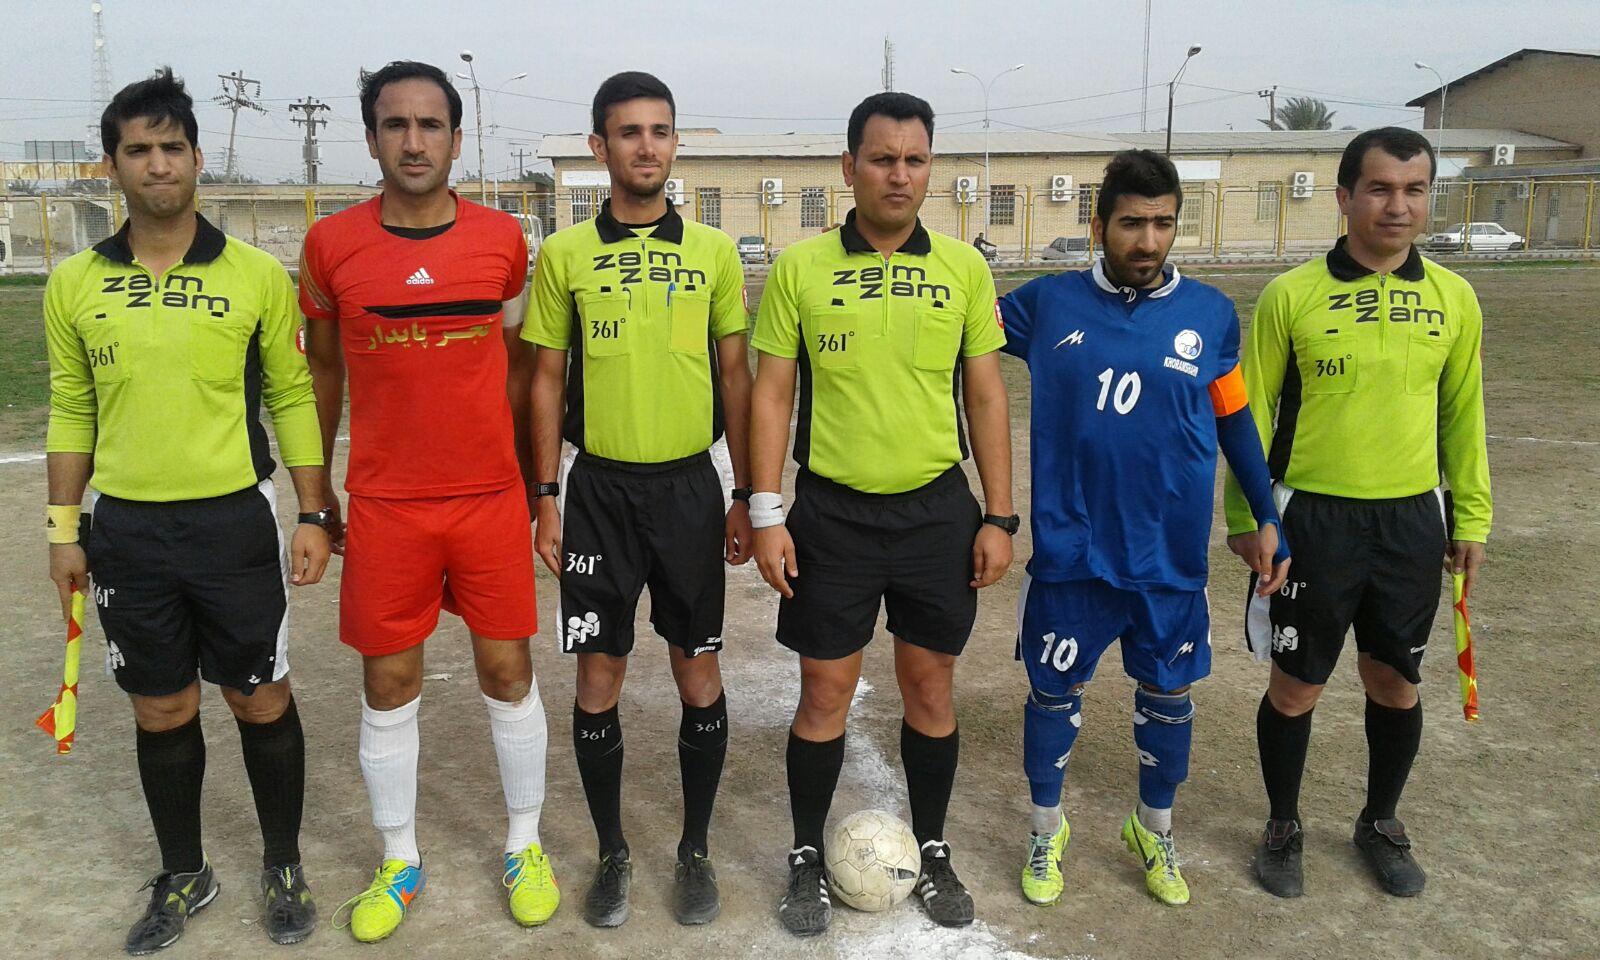 نتایج هفته سوم  مسابقات فوتبال لیگ برتر بزرگسالان باشگاهی خوزستان به همراه جدول رده بندی